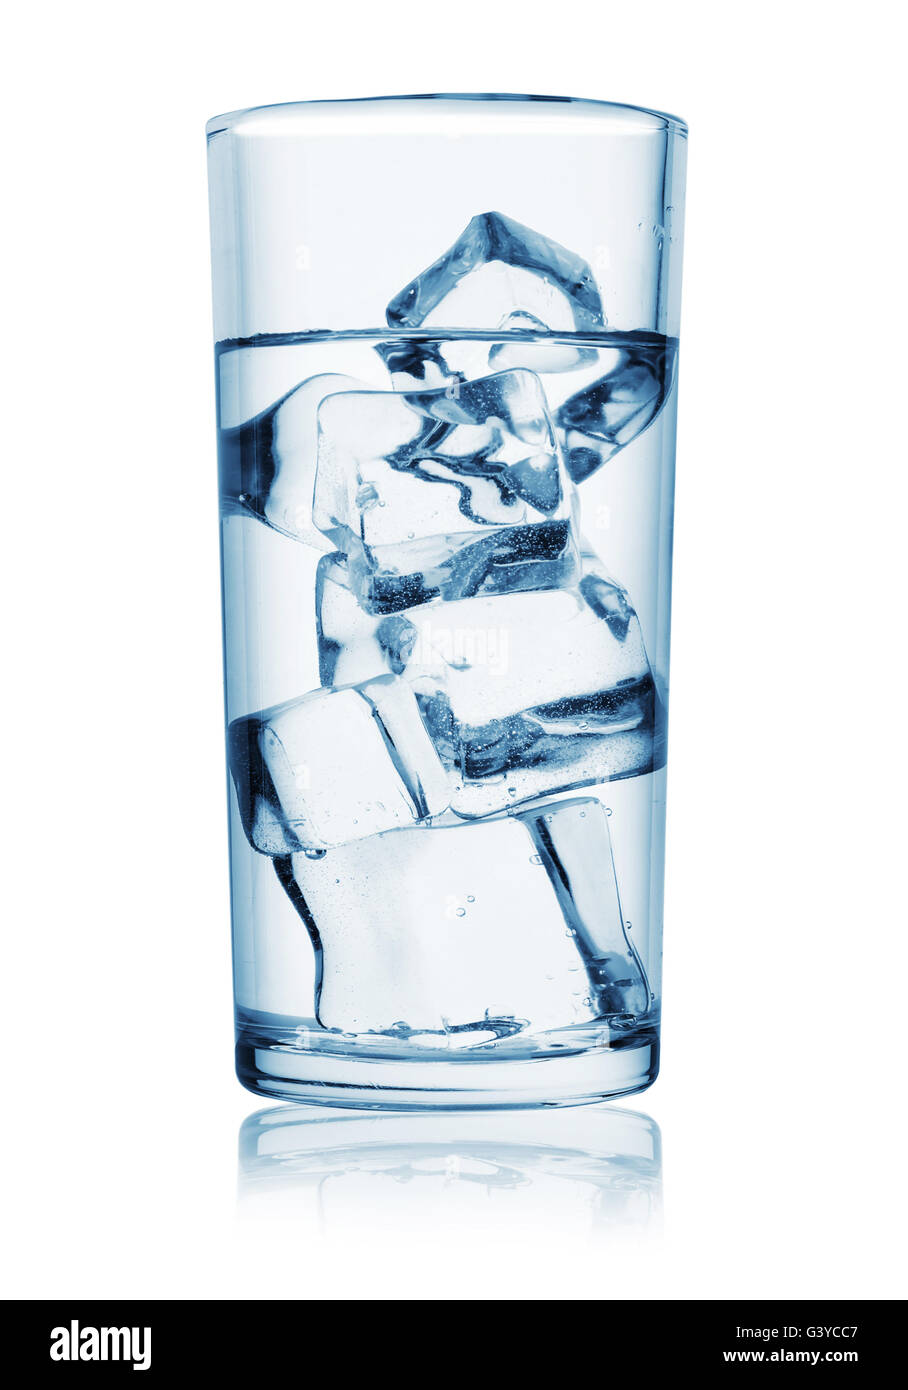 Vaso De Agua Con Hielo Aislado Sobre Fondo Blanco Foto Imagen De